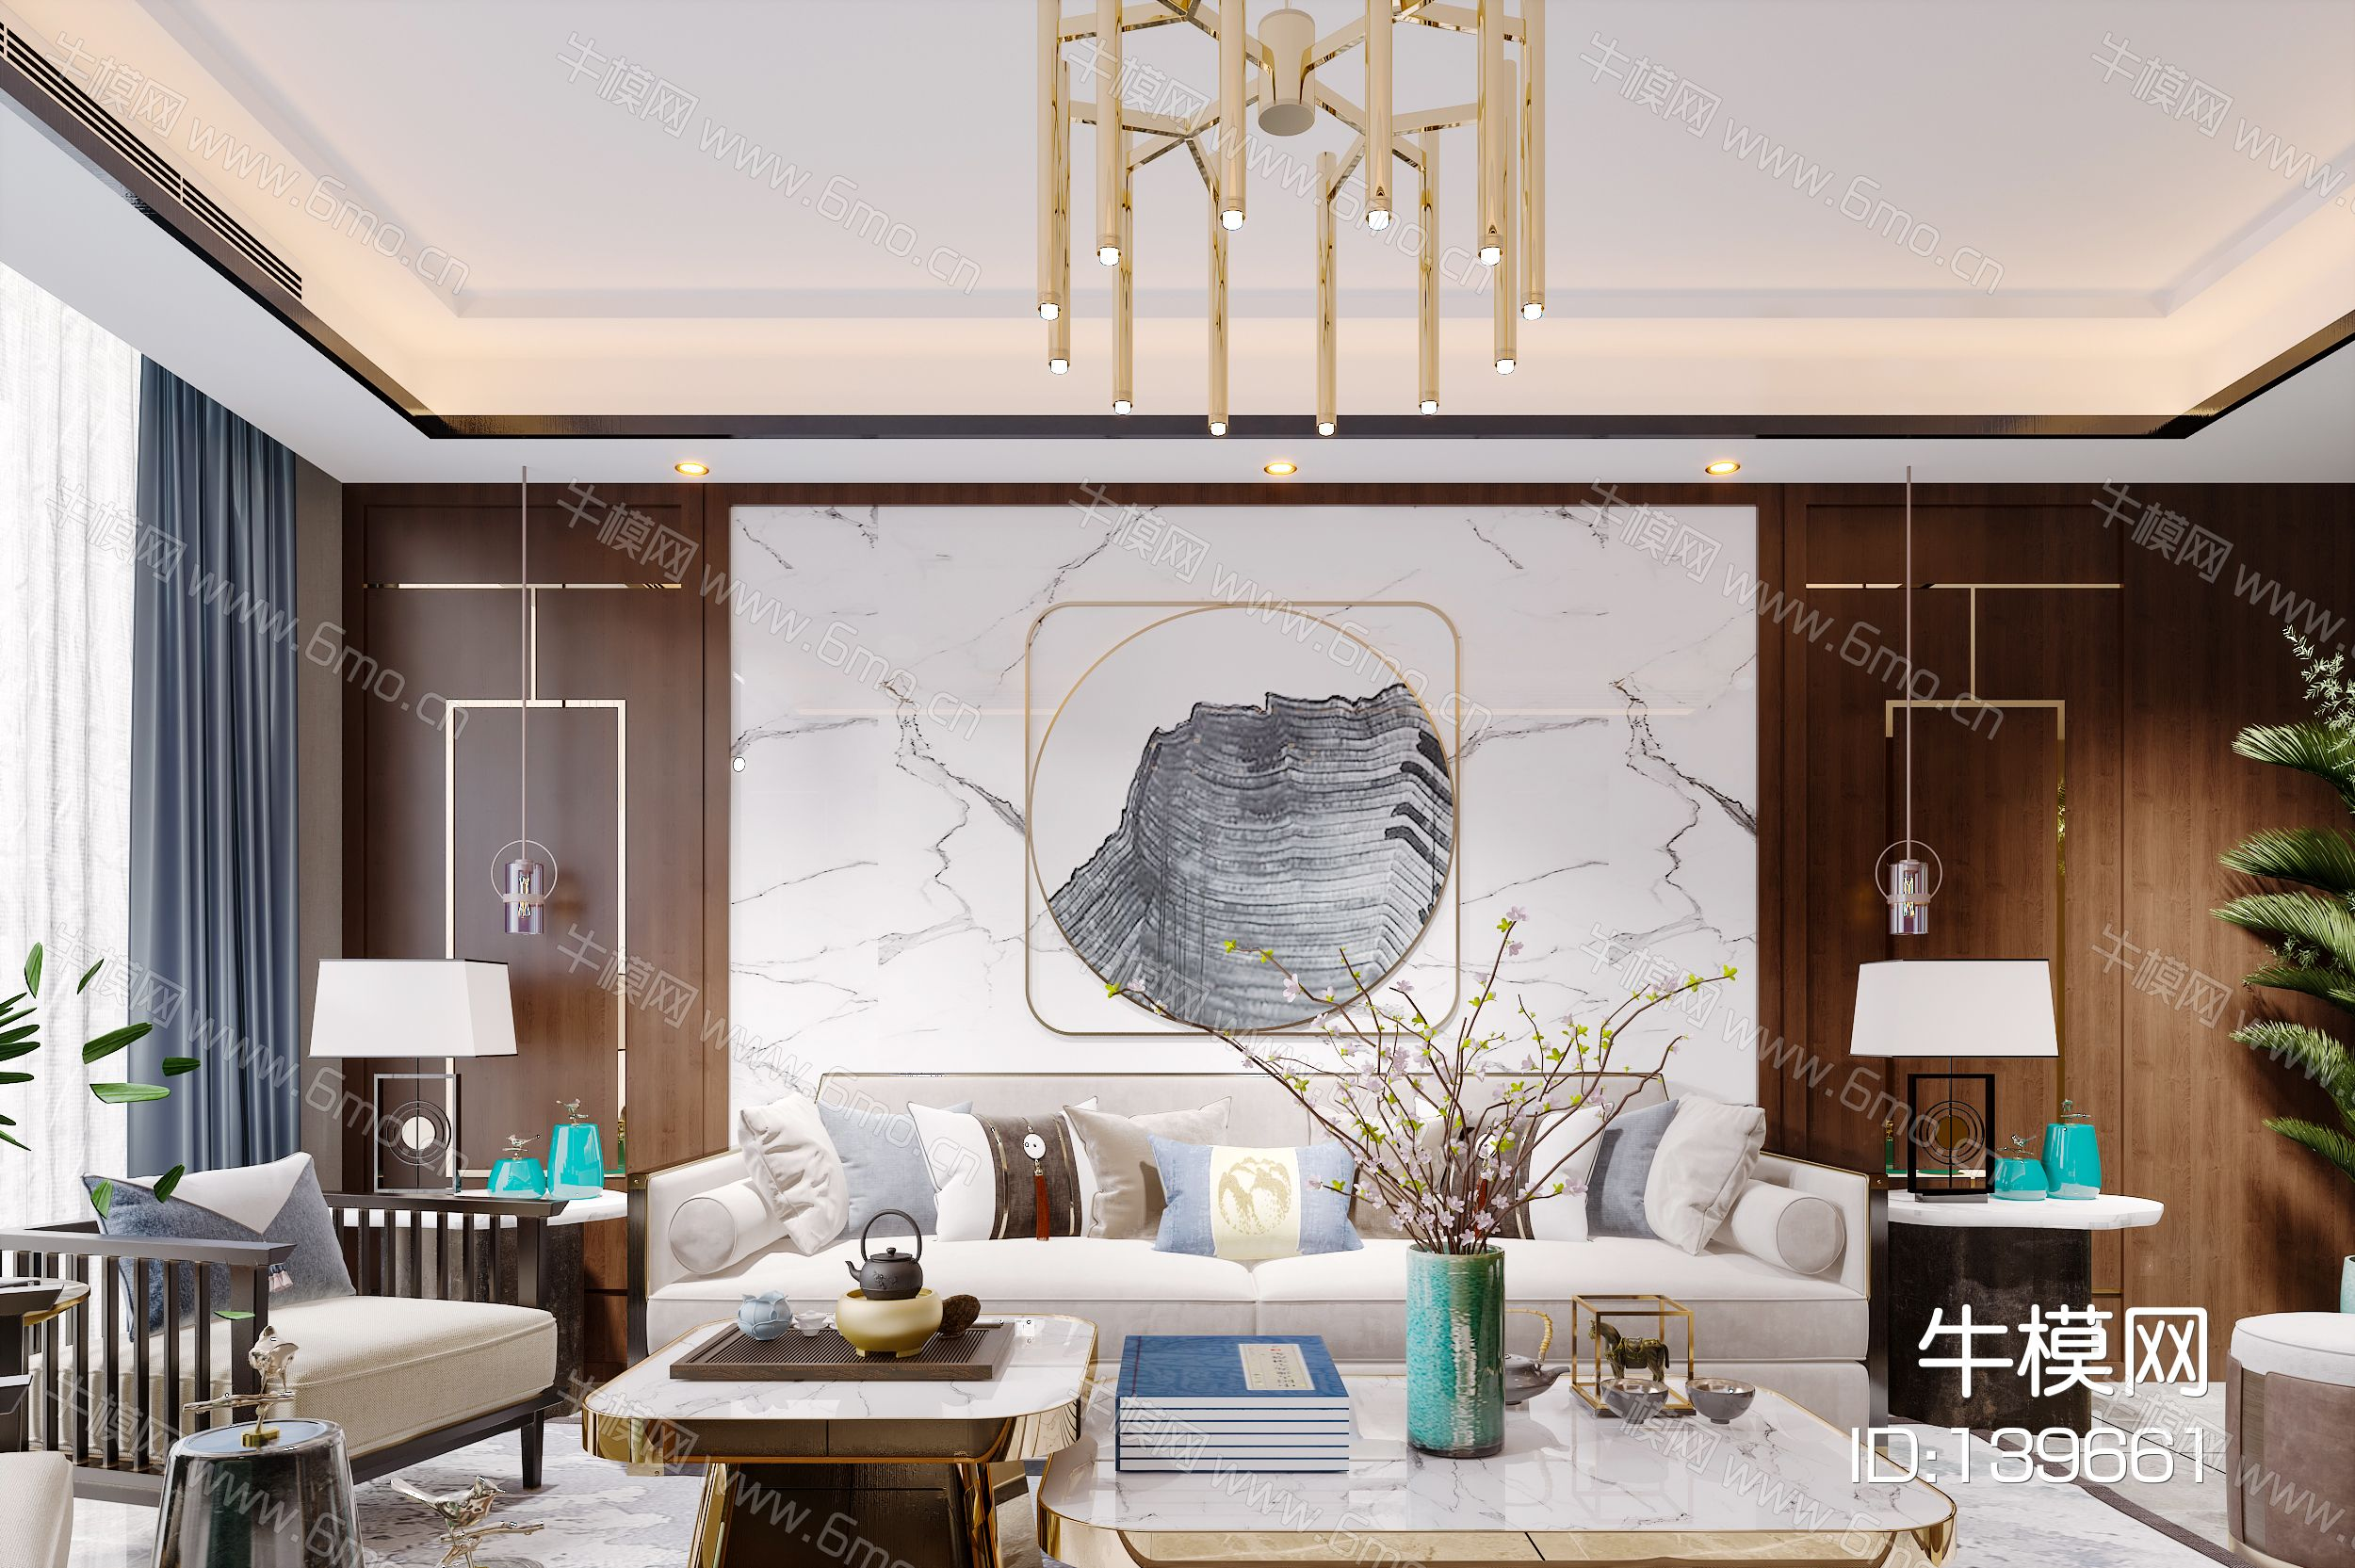 新中式简约轻奢风格客厅